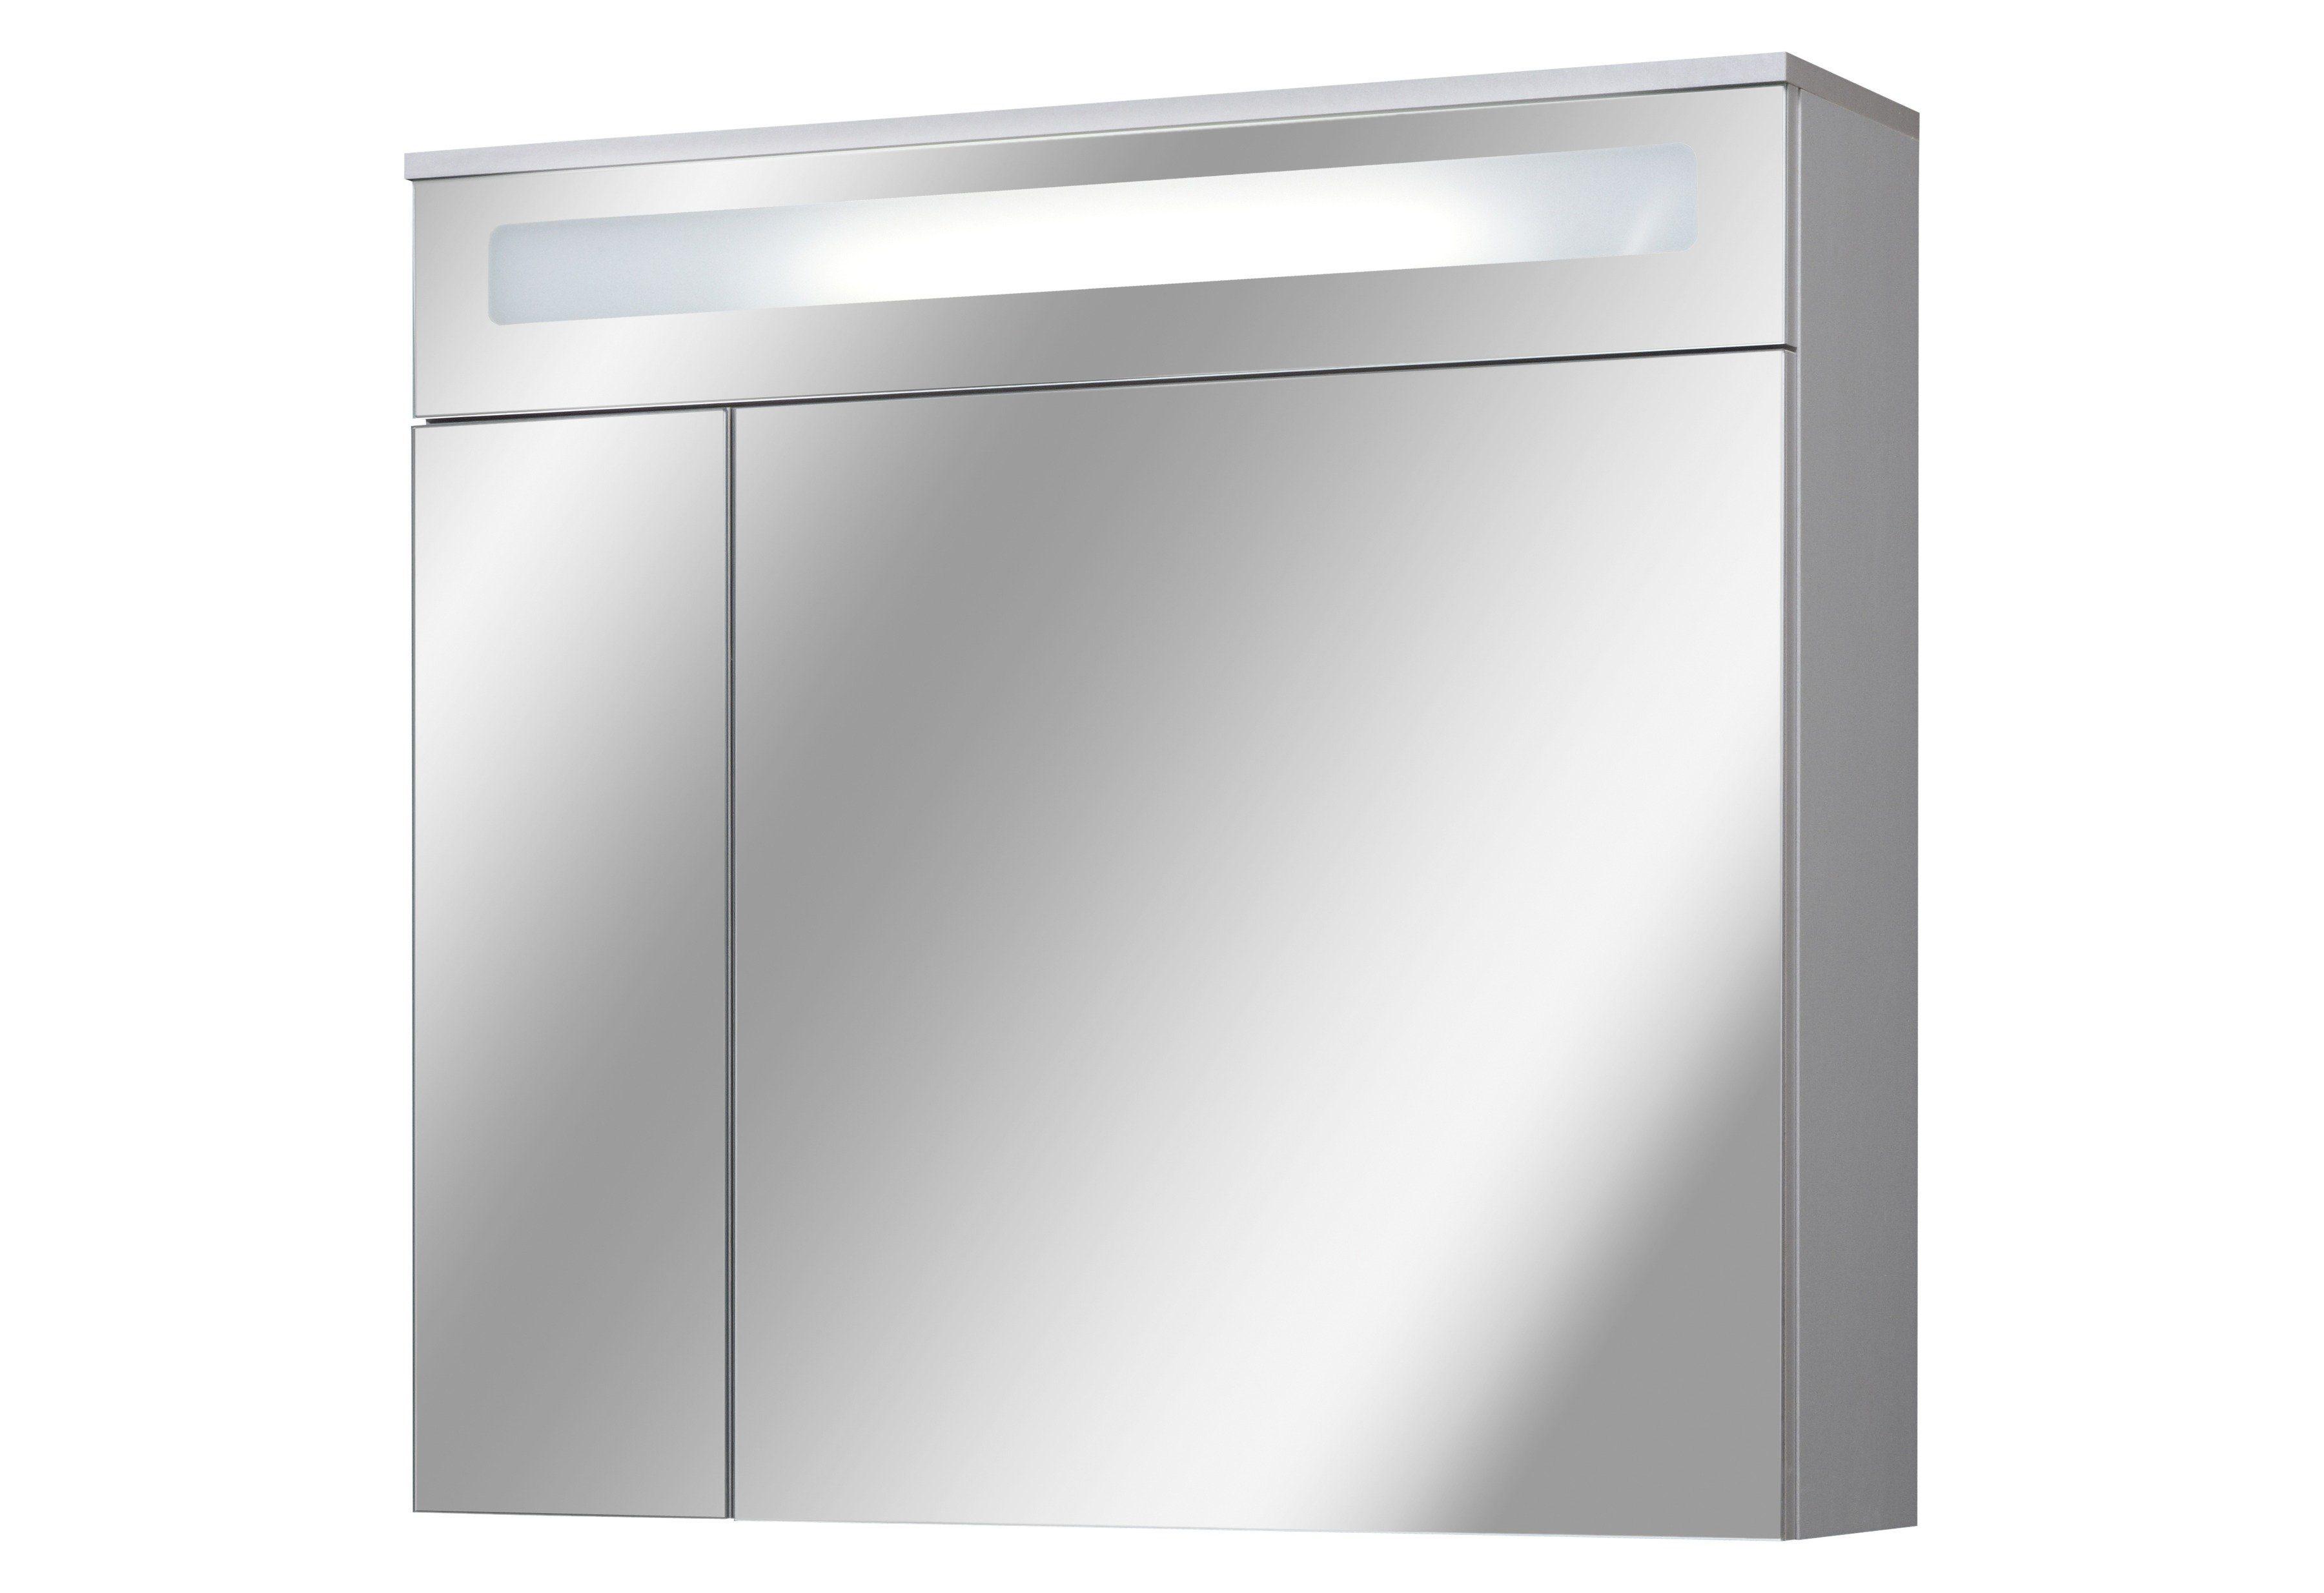 Spiegelschrank »Sienna« Breite 80 cm, mit Beleuchtung